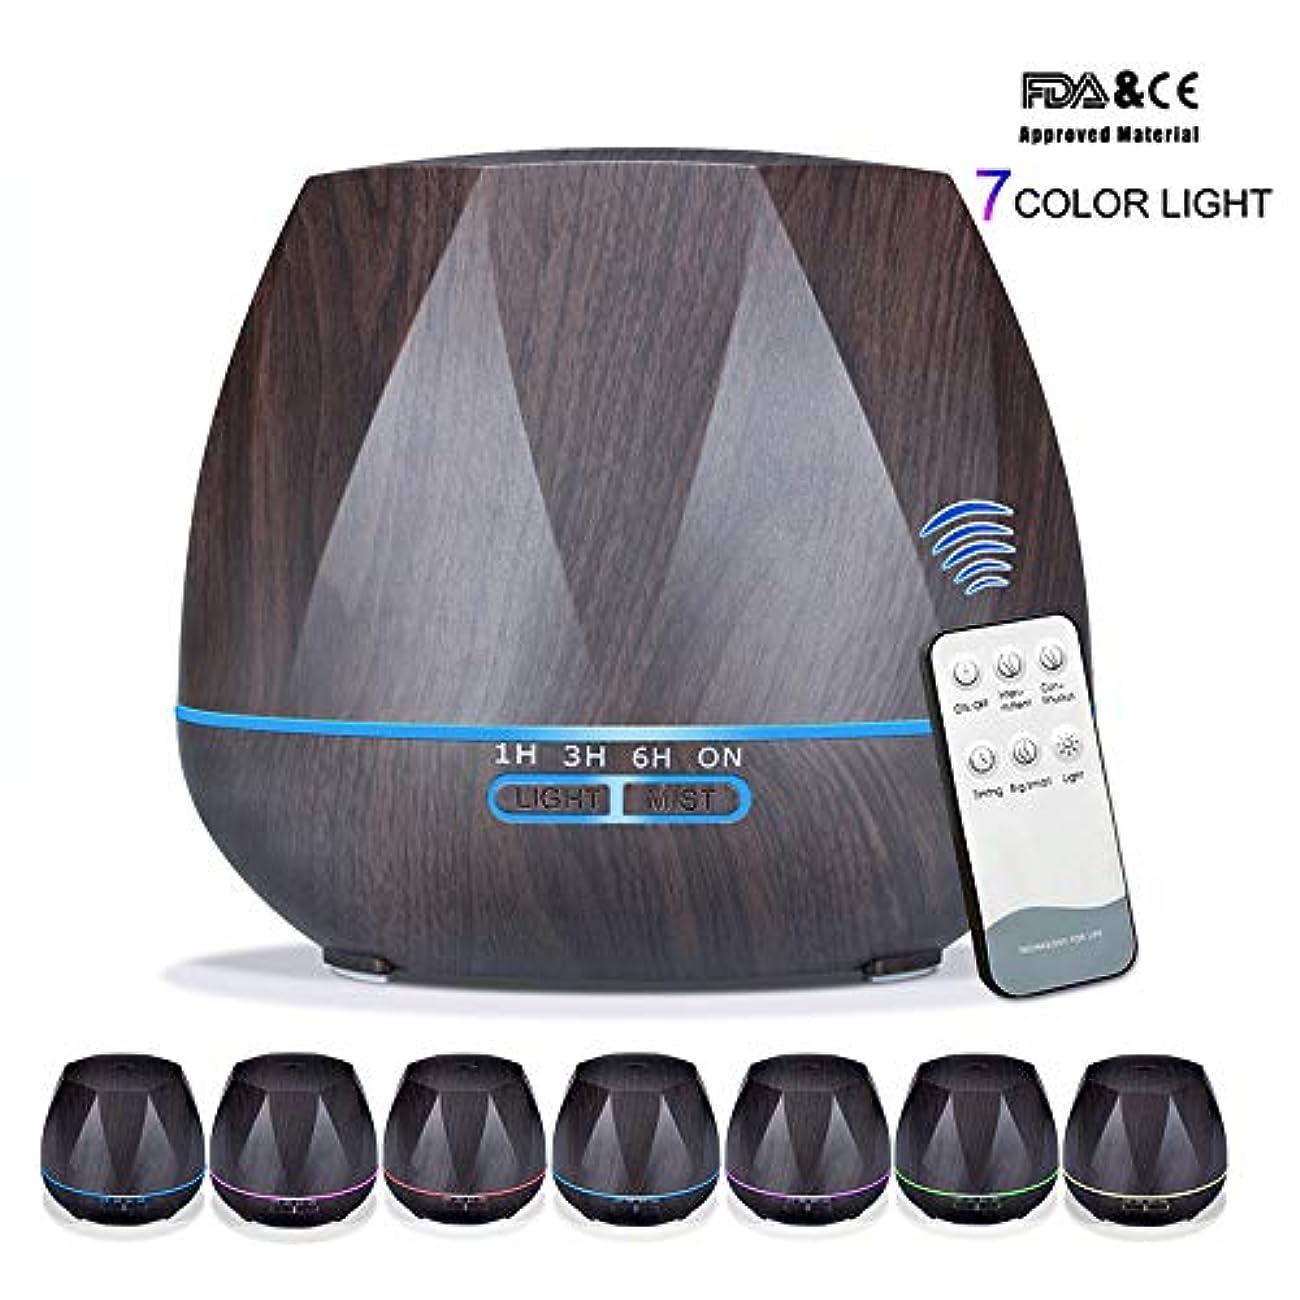 更新コンセンサス経験的アロマセラピーエッセンシャルオイルアロマディフューザーリモートコントロール7色LEDライトホームエアアロマディフューザー加湿器550ML,Black,Remote